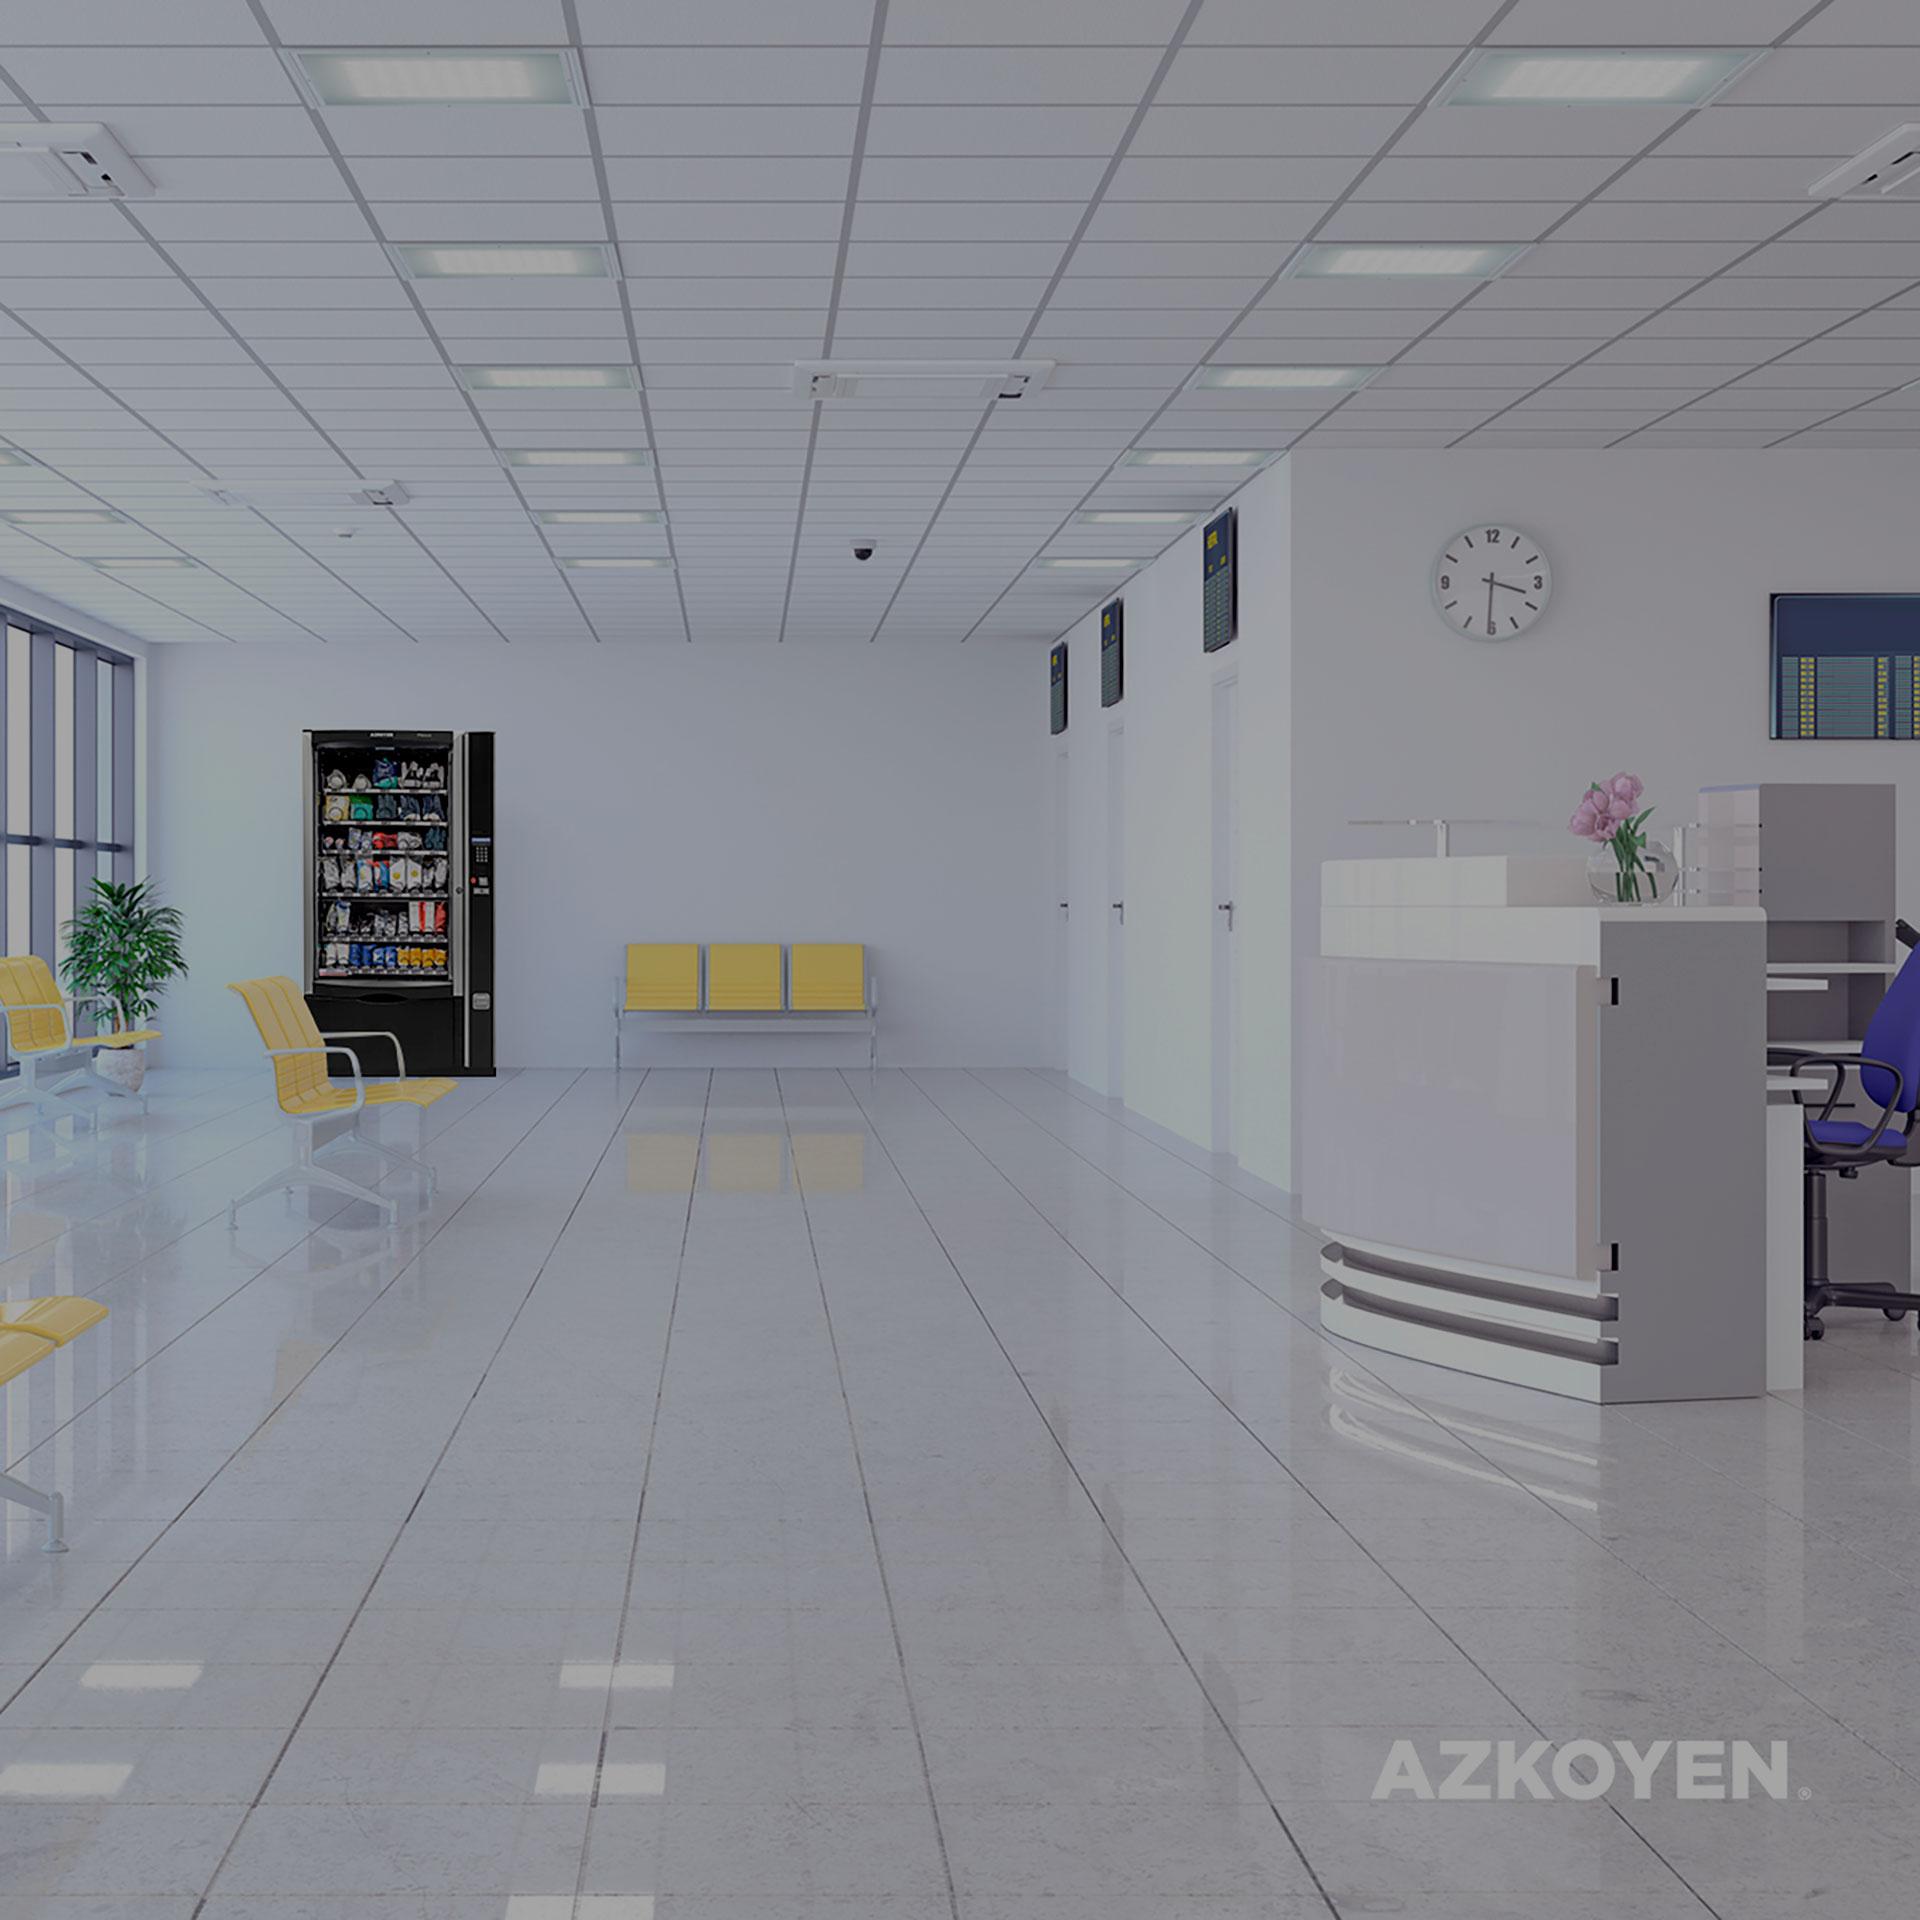 Die Azkoyen arbeitet mit der bei der Verteilung kostenloser persönlicher Schutzausrüstung durch ihre Automaten zusammen